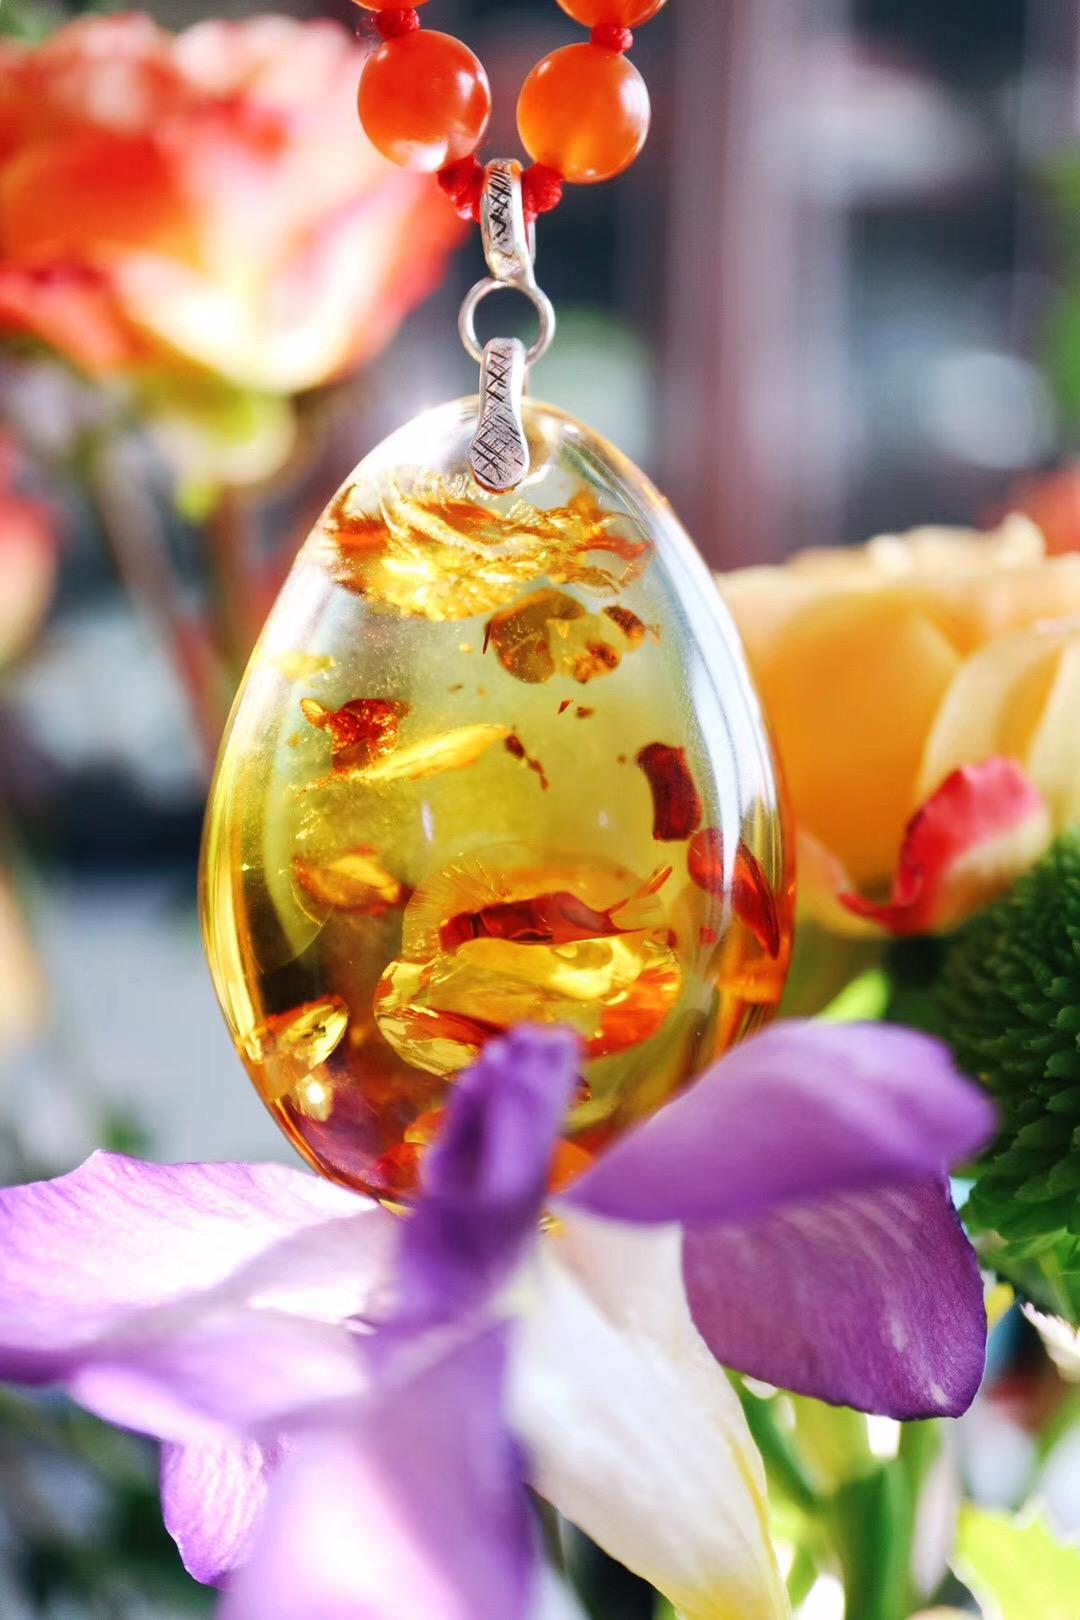 【菩心-极品花珀&冰种南红玛瑙】一款灵动至极的花珀,可安神静心-菩心晶舍